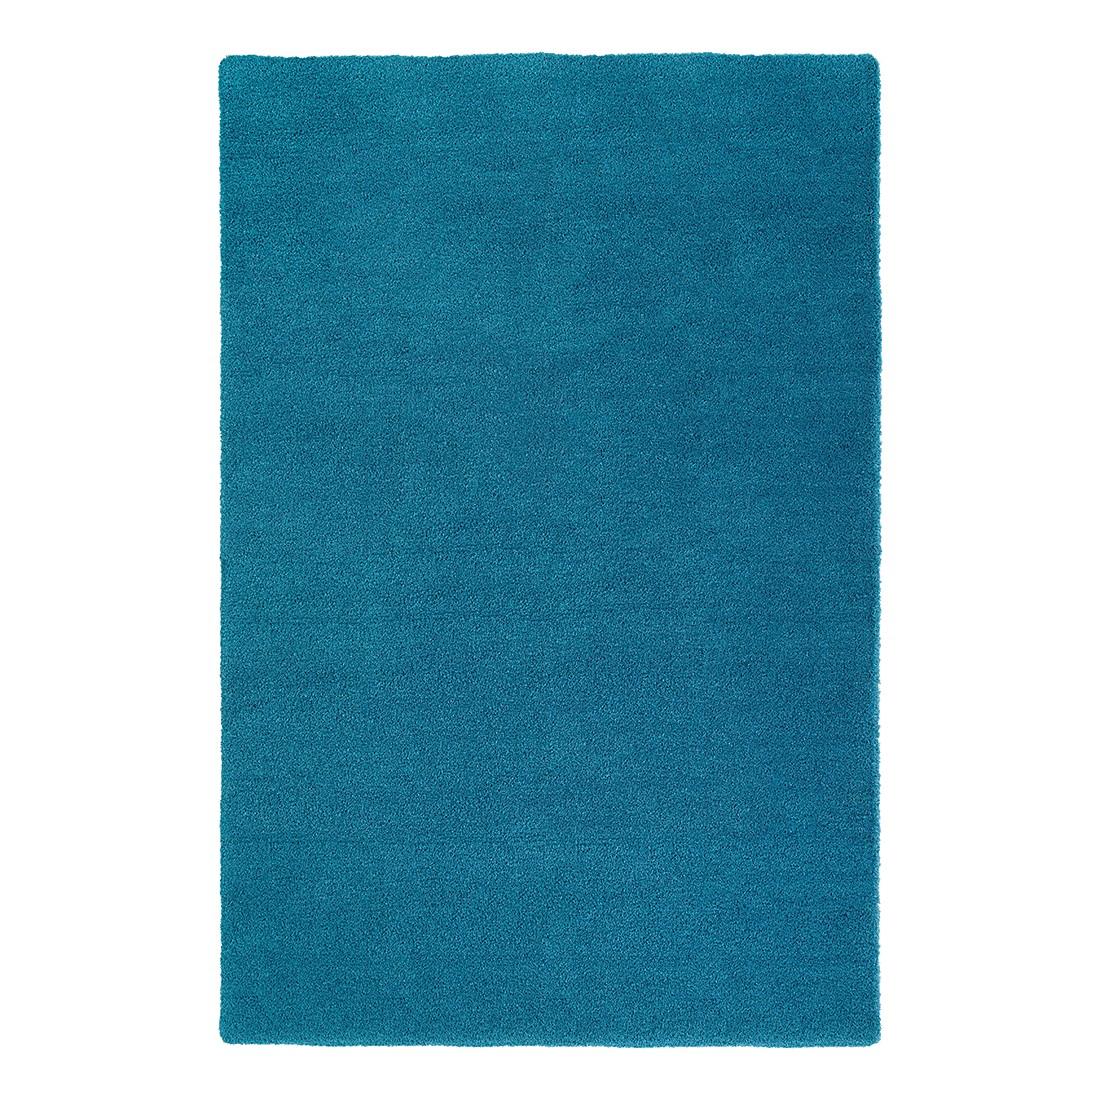 Teppich Livorno – Türkis – 70 x 140 cm, Astra online kaufen